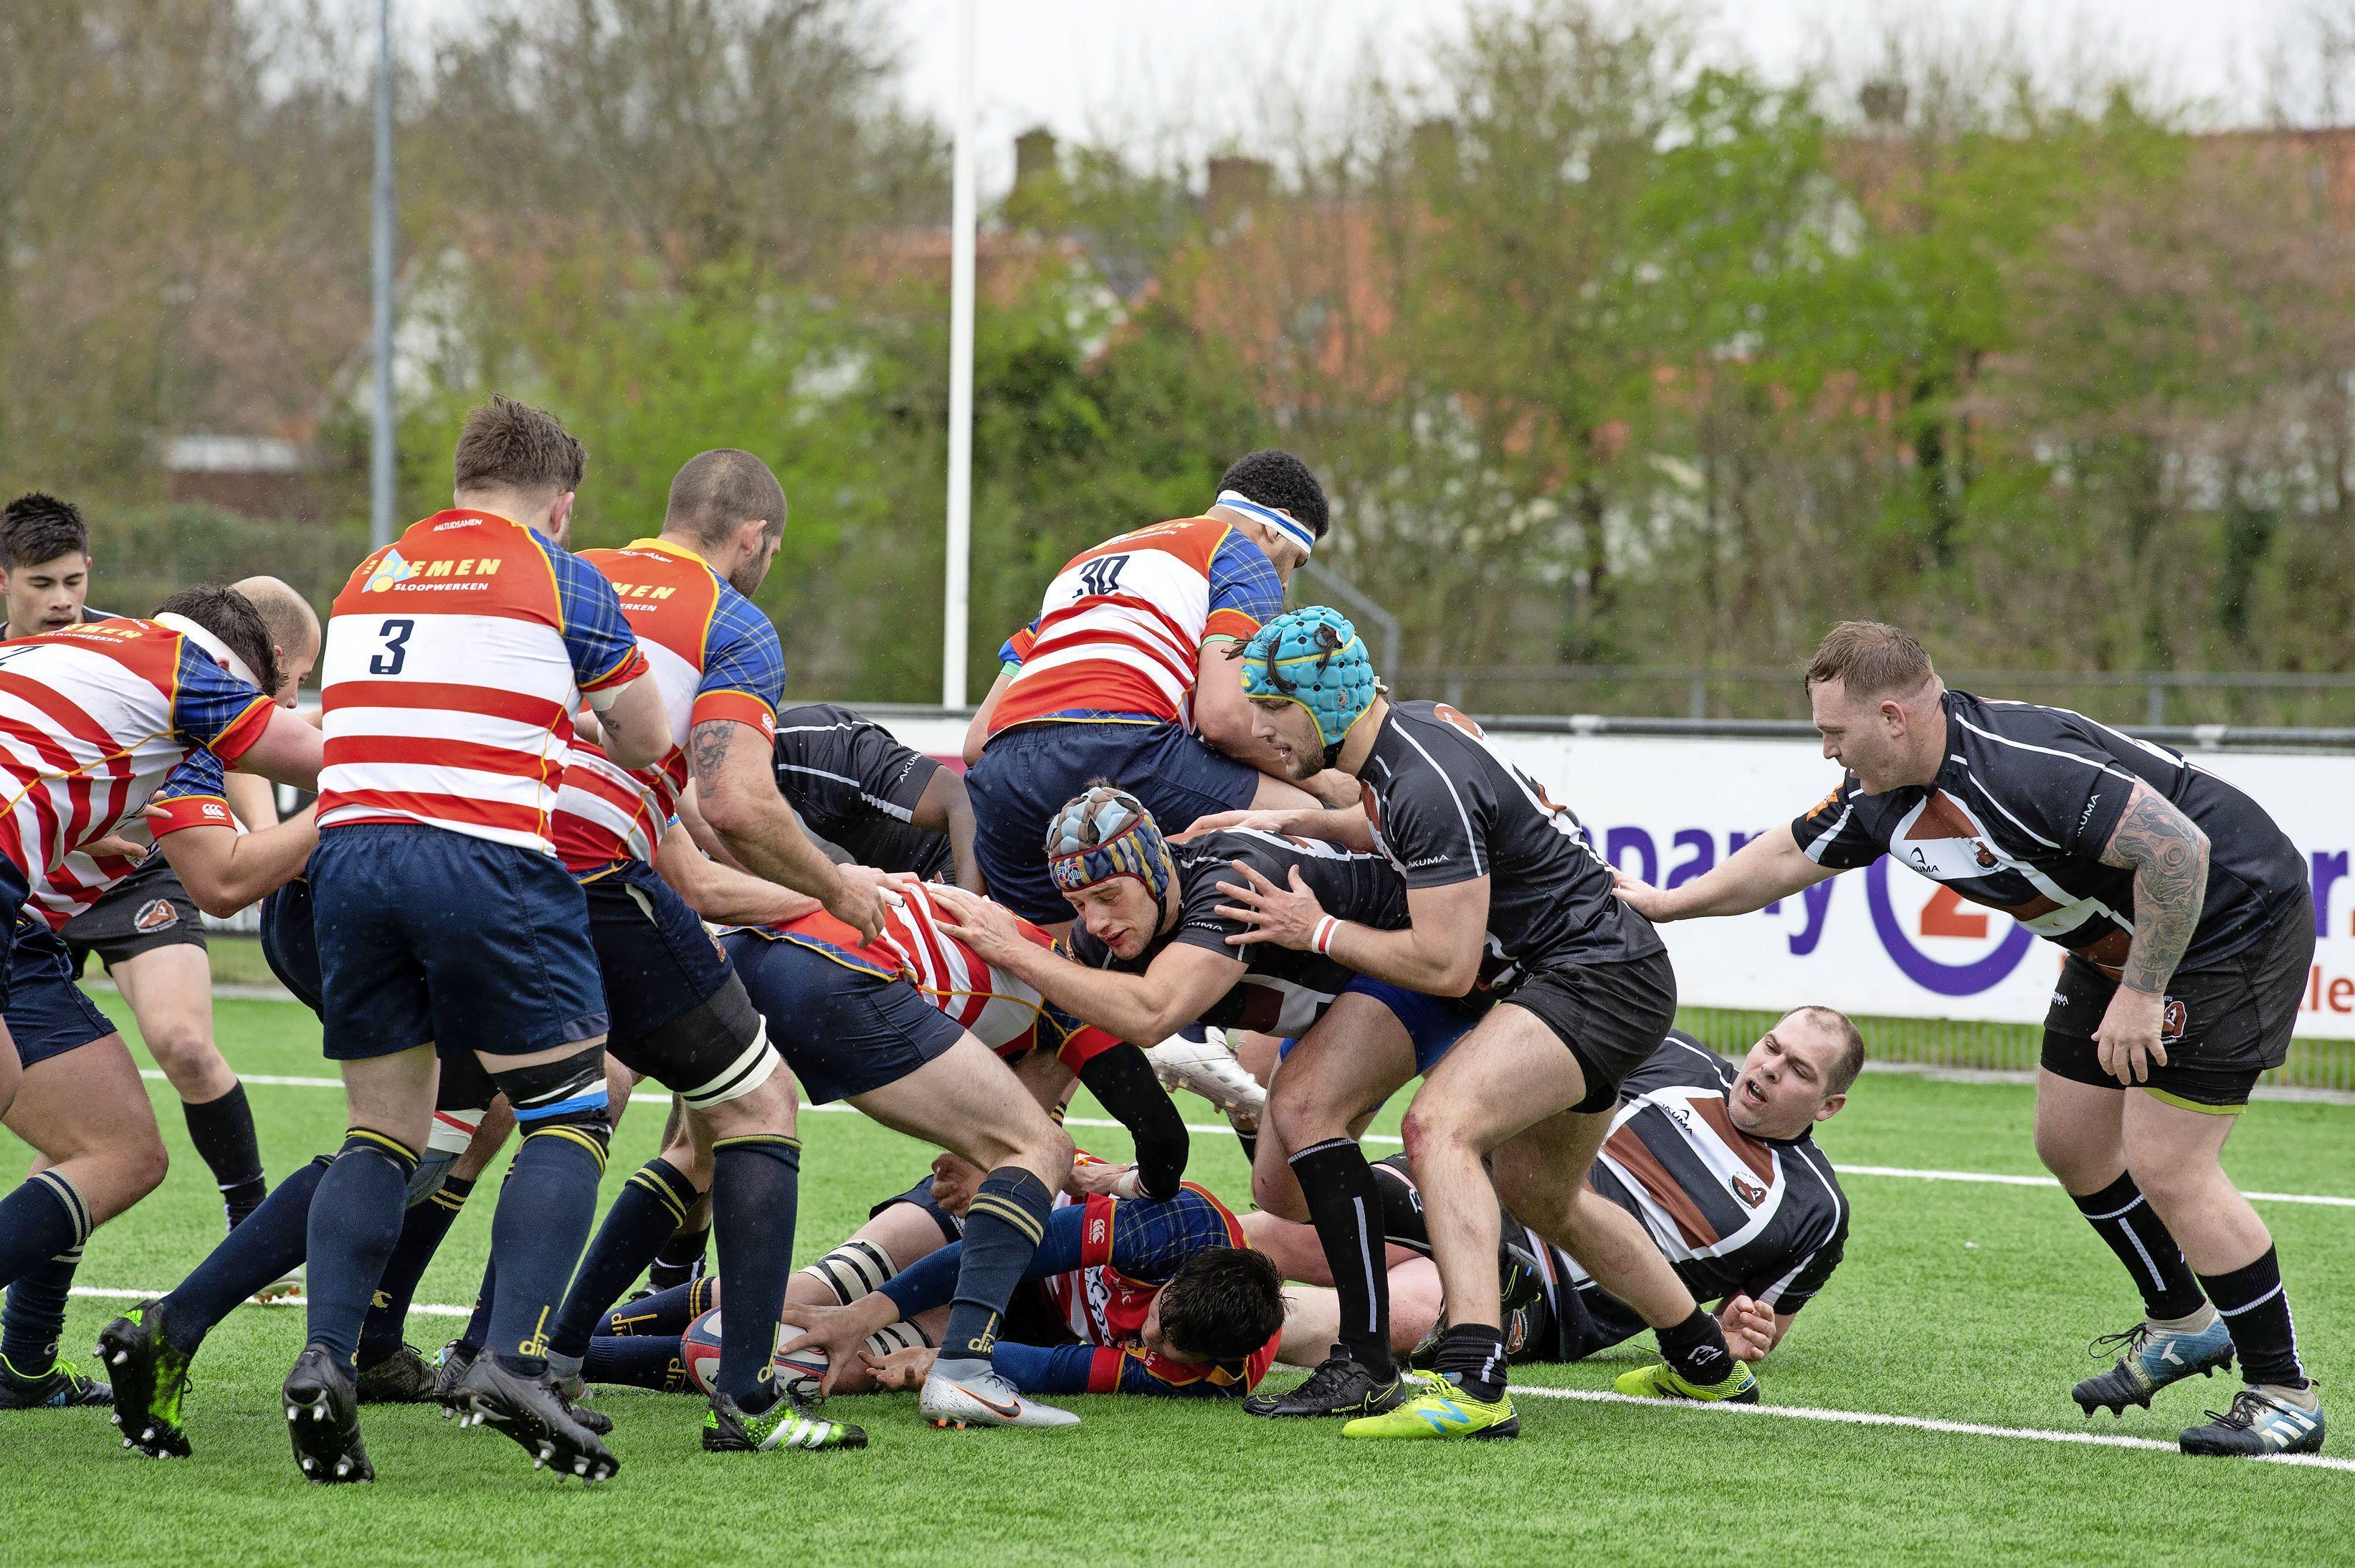 Michiel van der Plas (45) maakt rentree bij rugbyers The Bassets: 'Ik speel tegen gasten die mijn zoon hadden kunnen zijn'